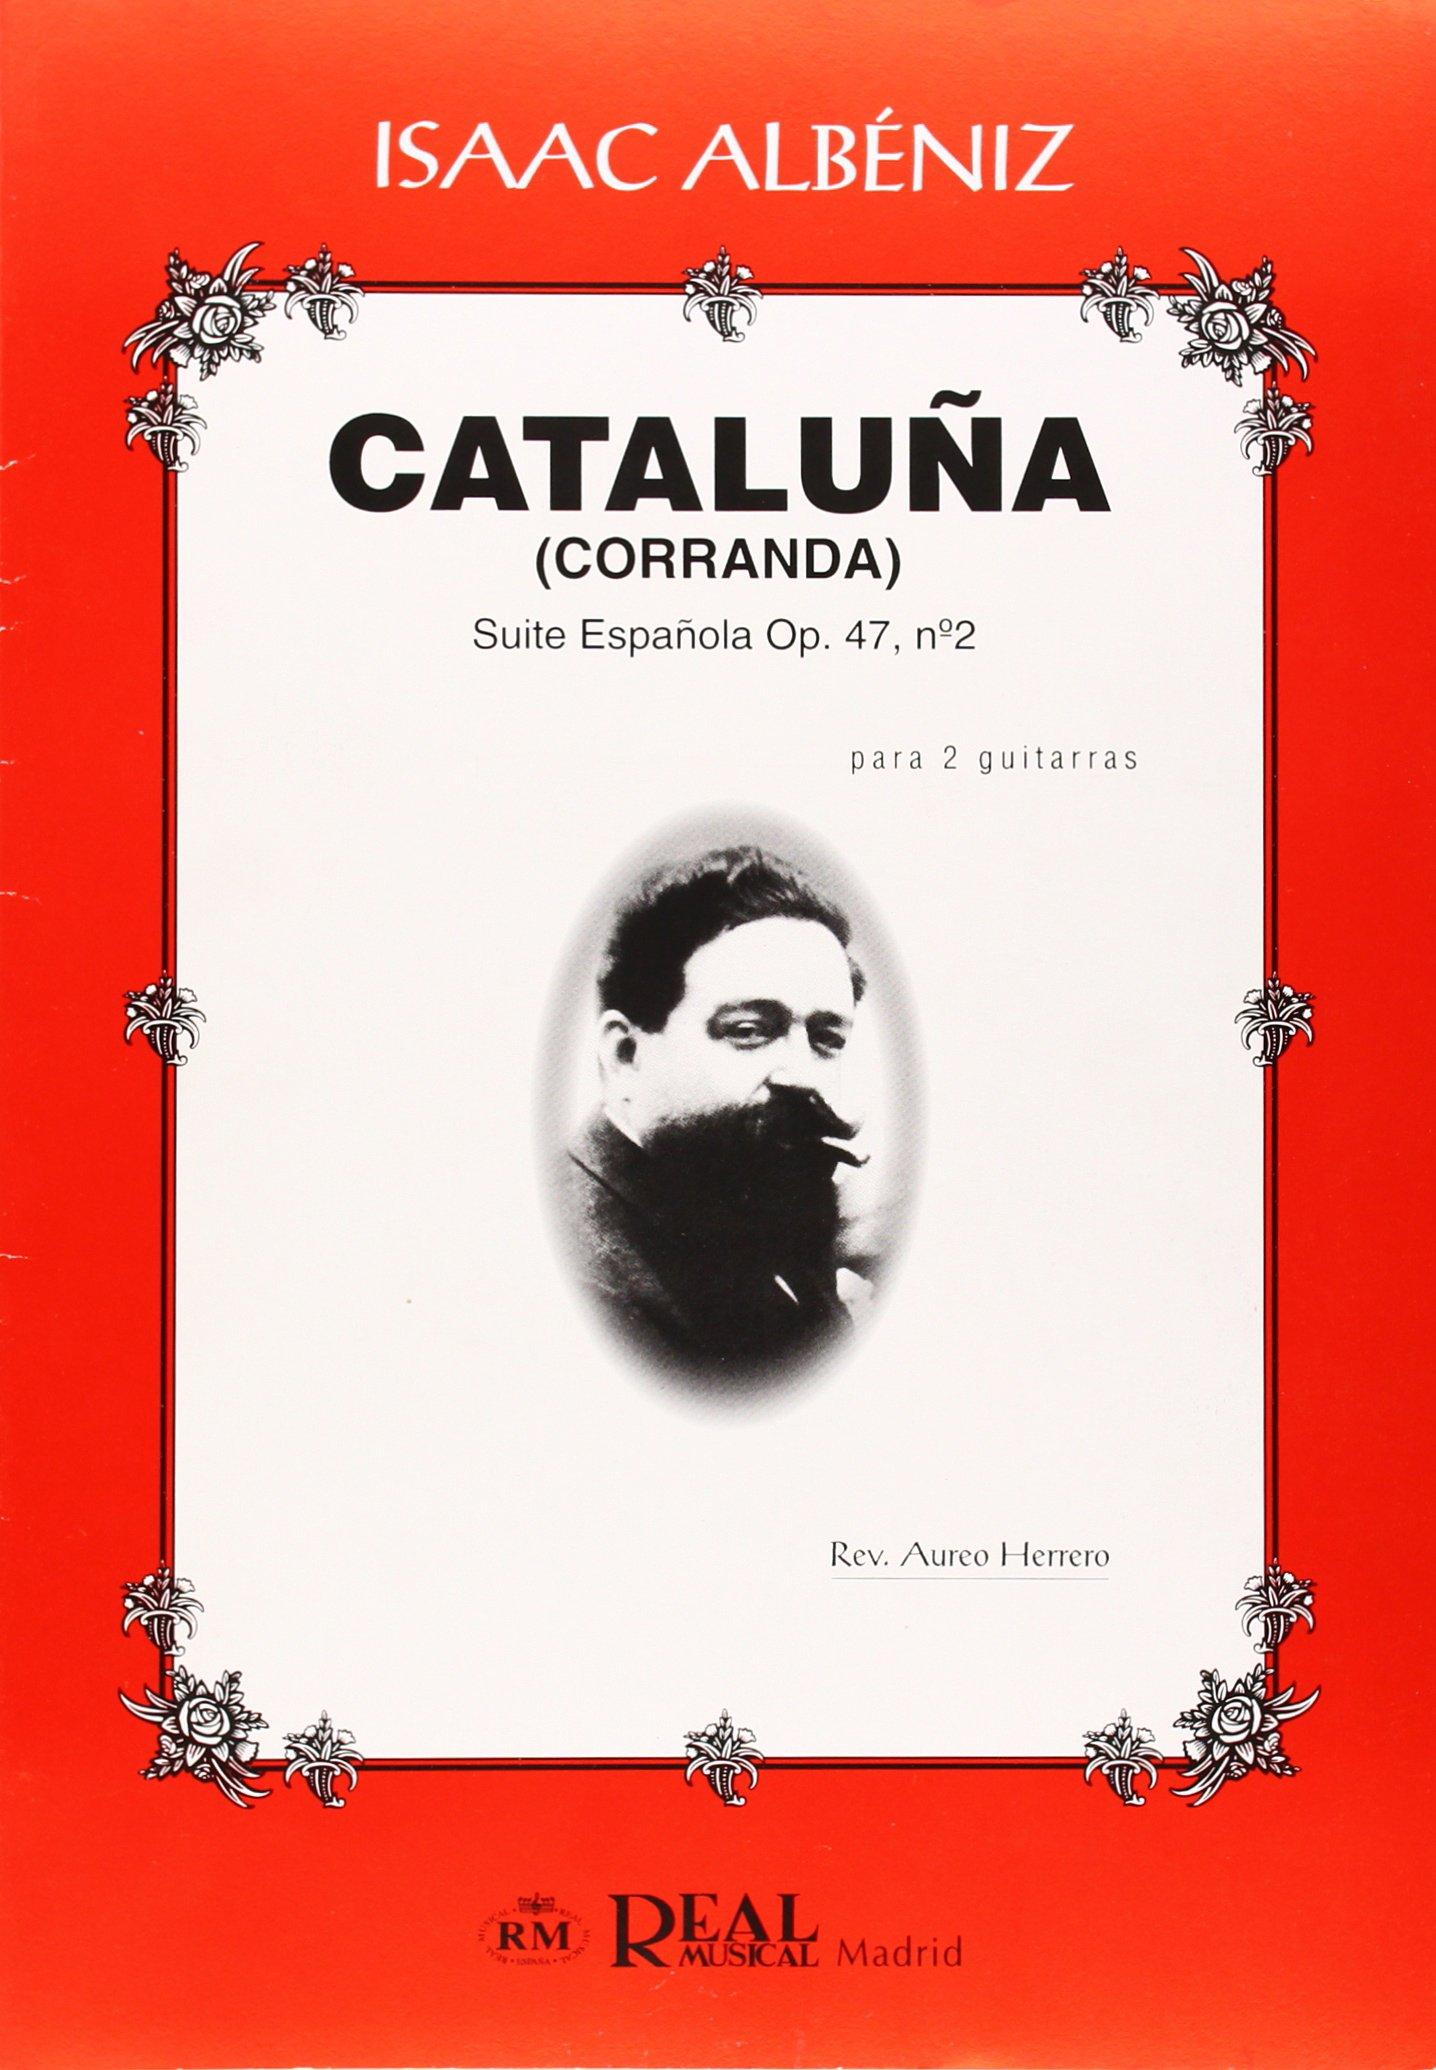 Isaac Albéniz: Cataluña Corranda , Suite Española Op.47 No.2 para ...